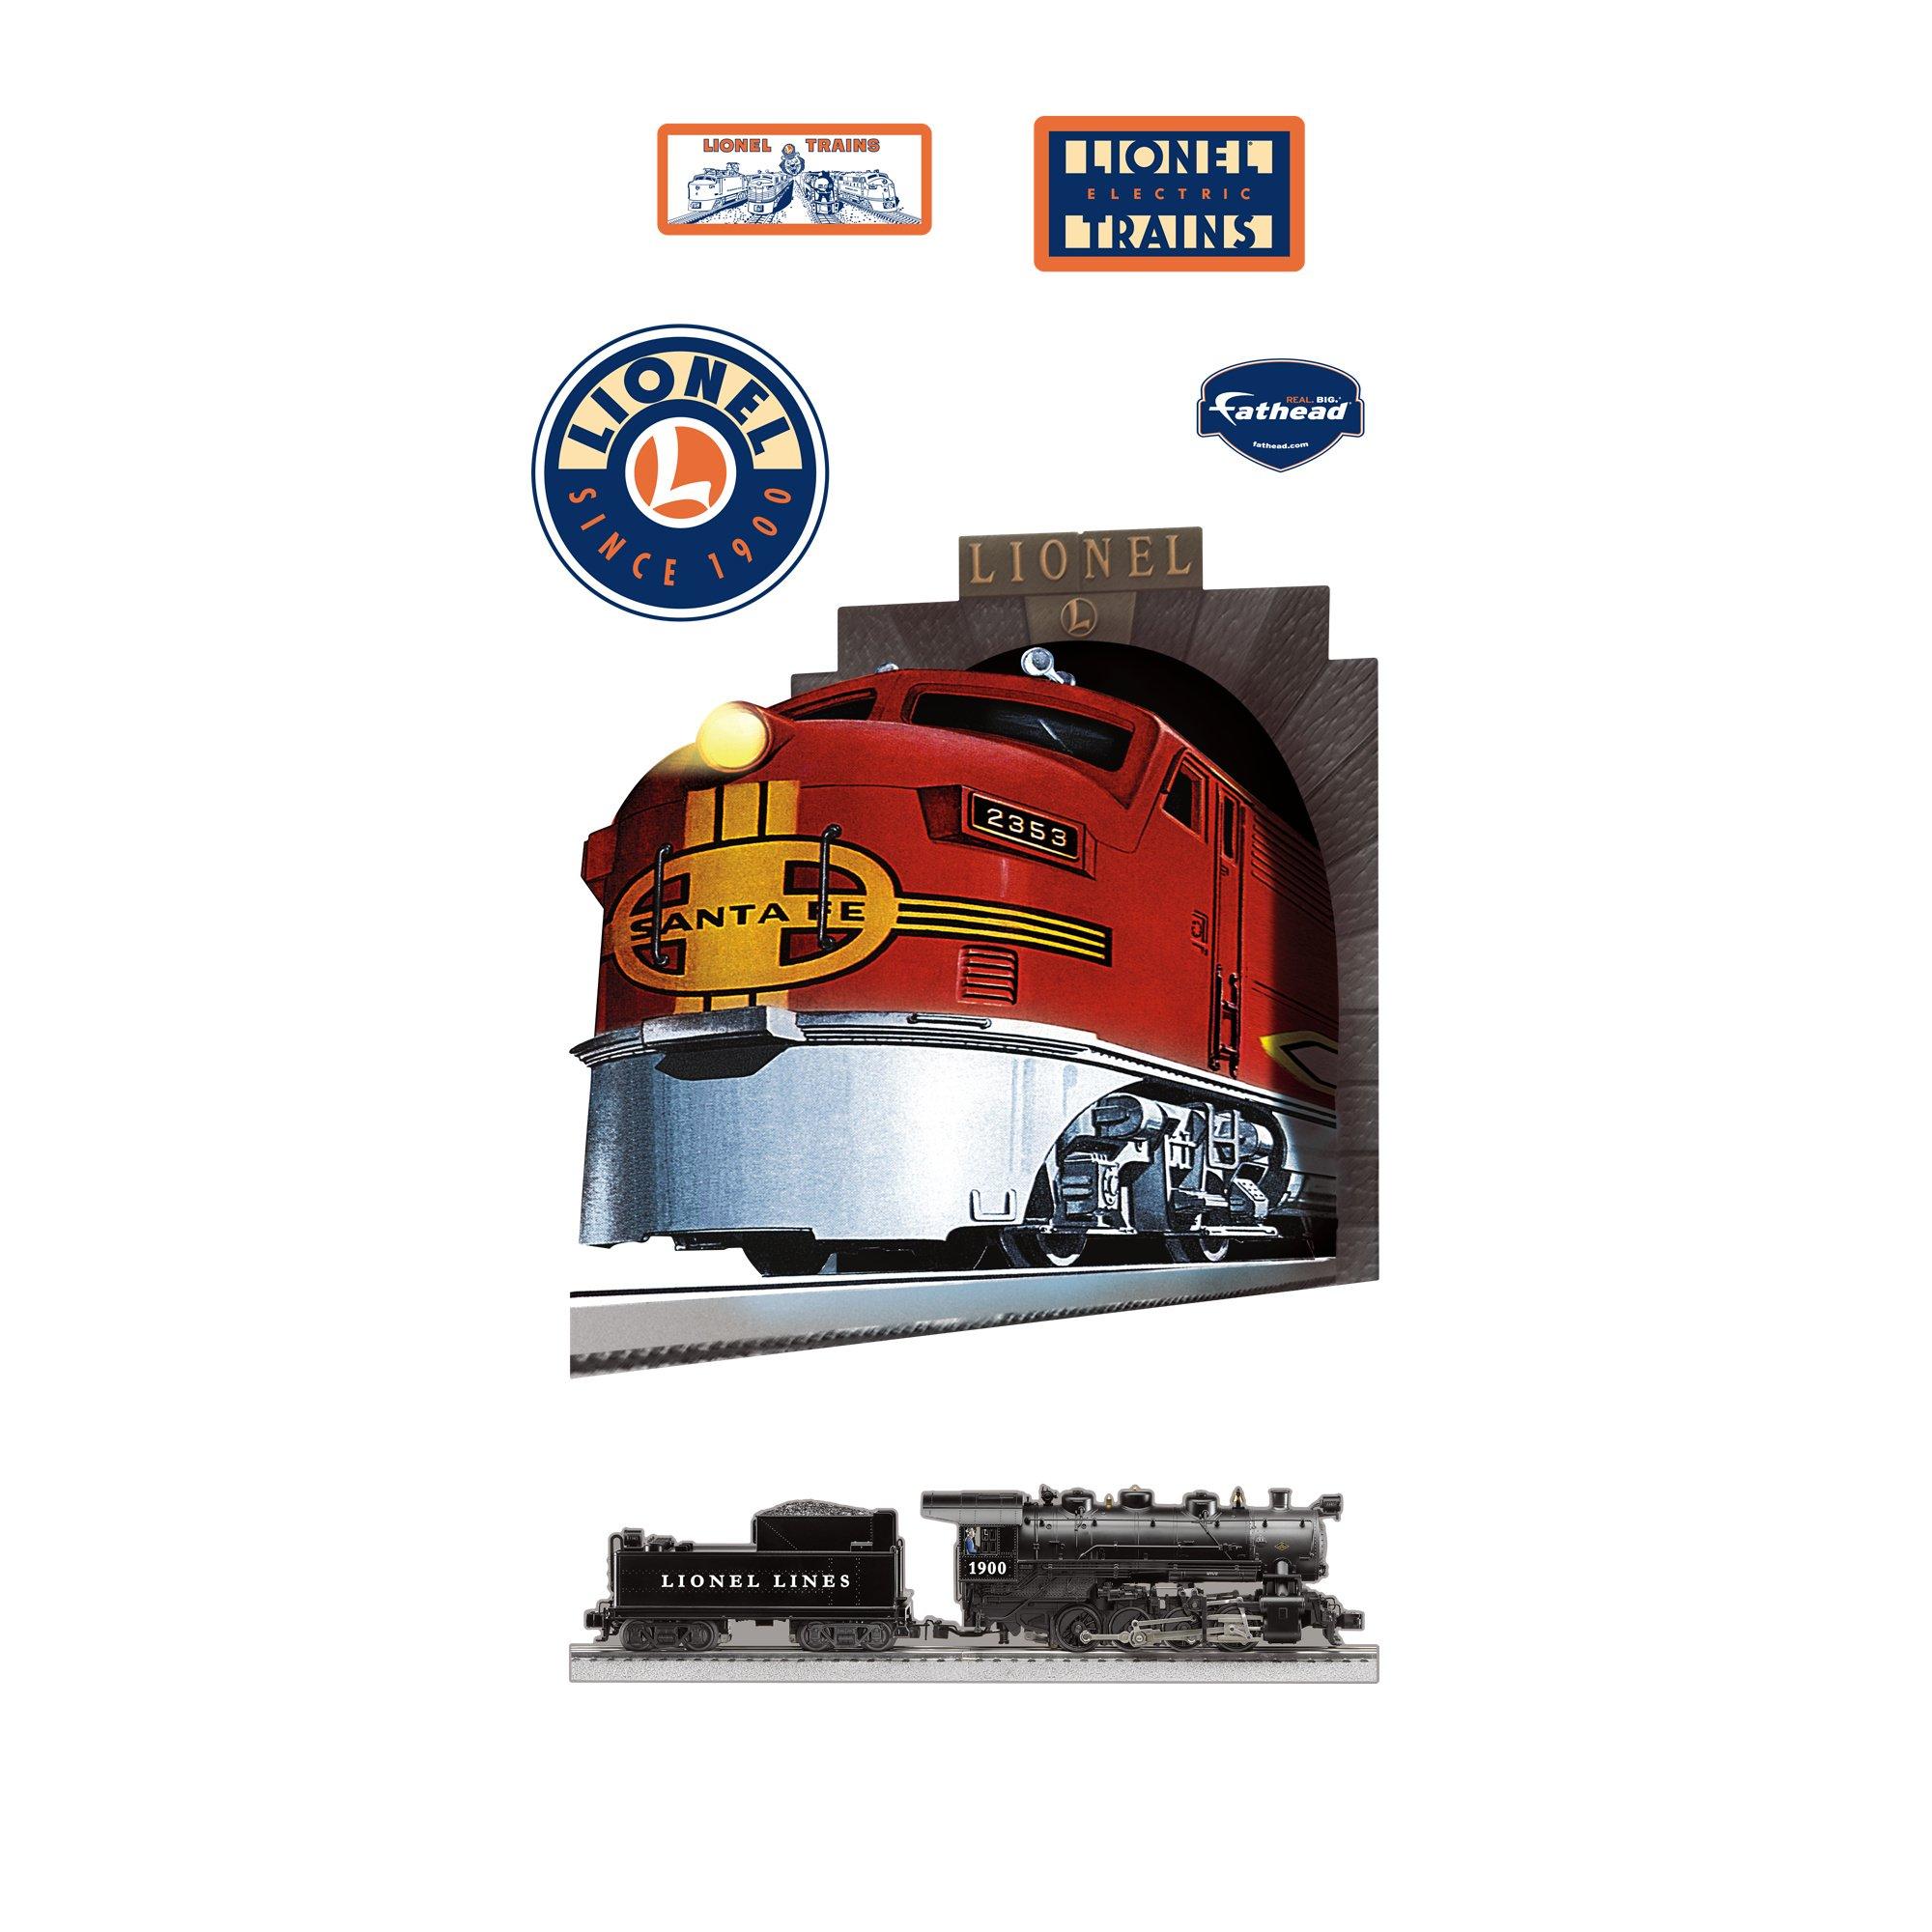 Lionel Trains Santa Fe Train Wall Graphic